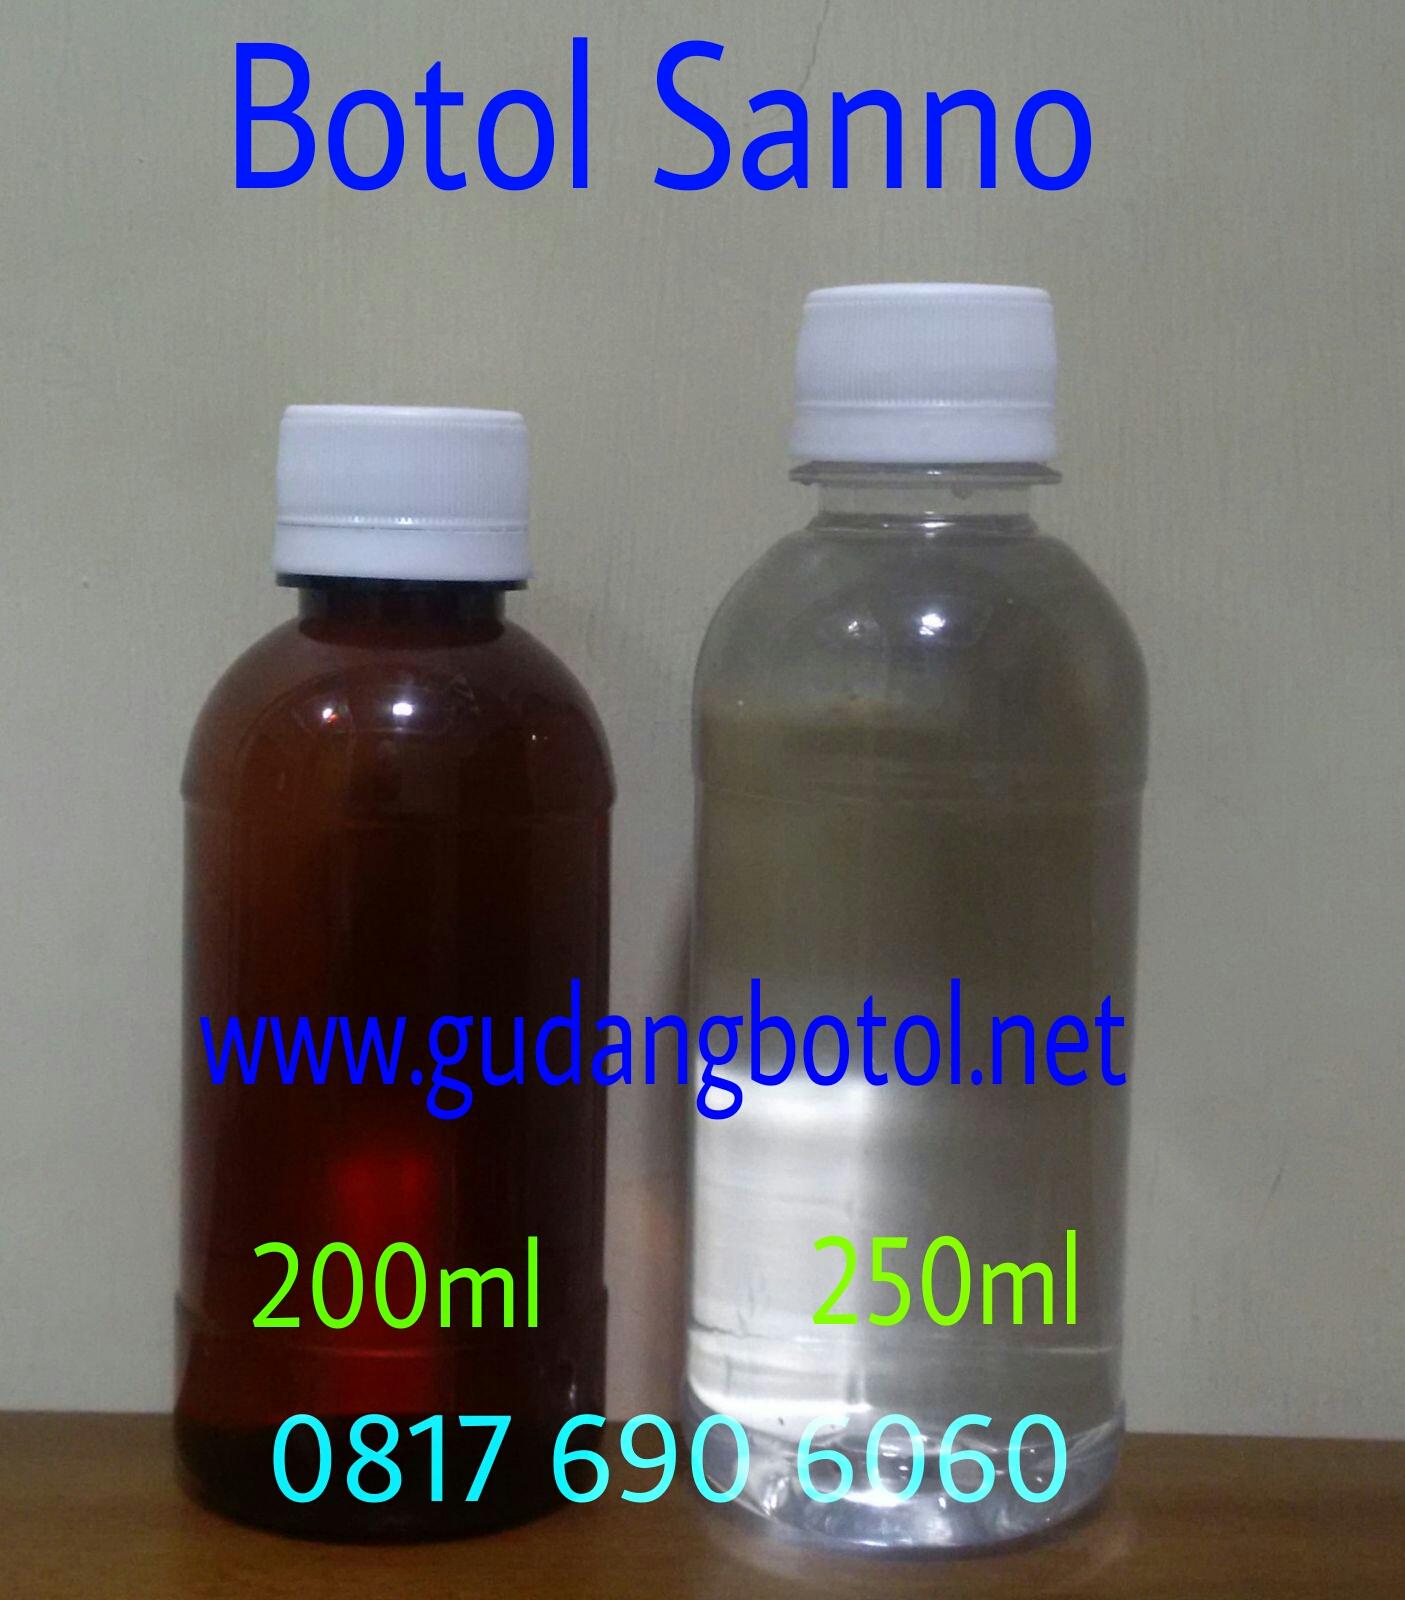 Botol Sano